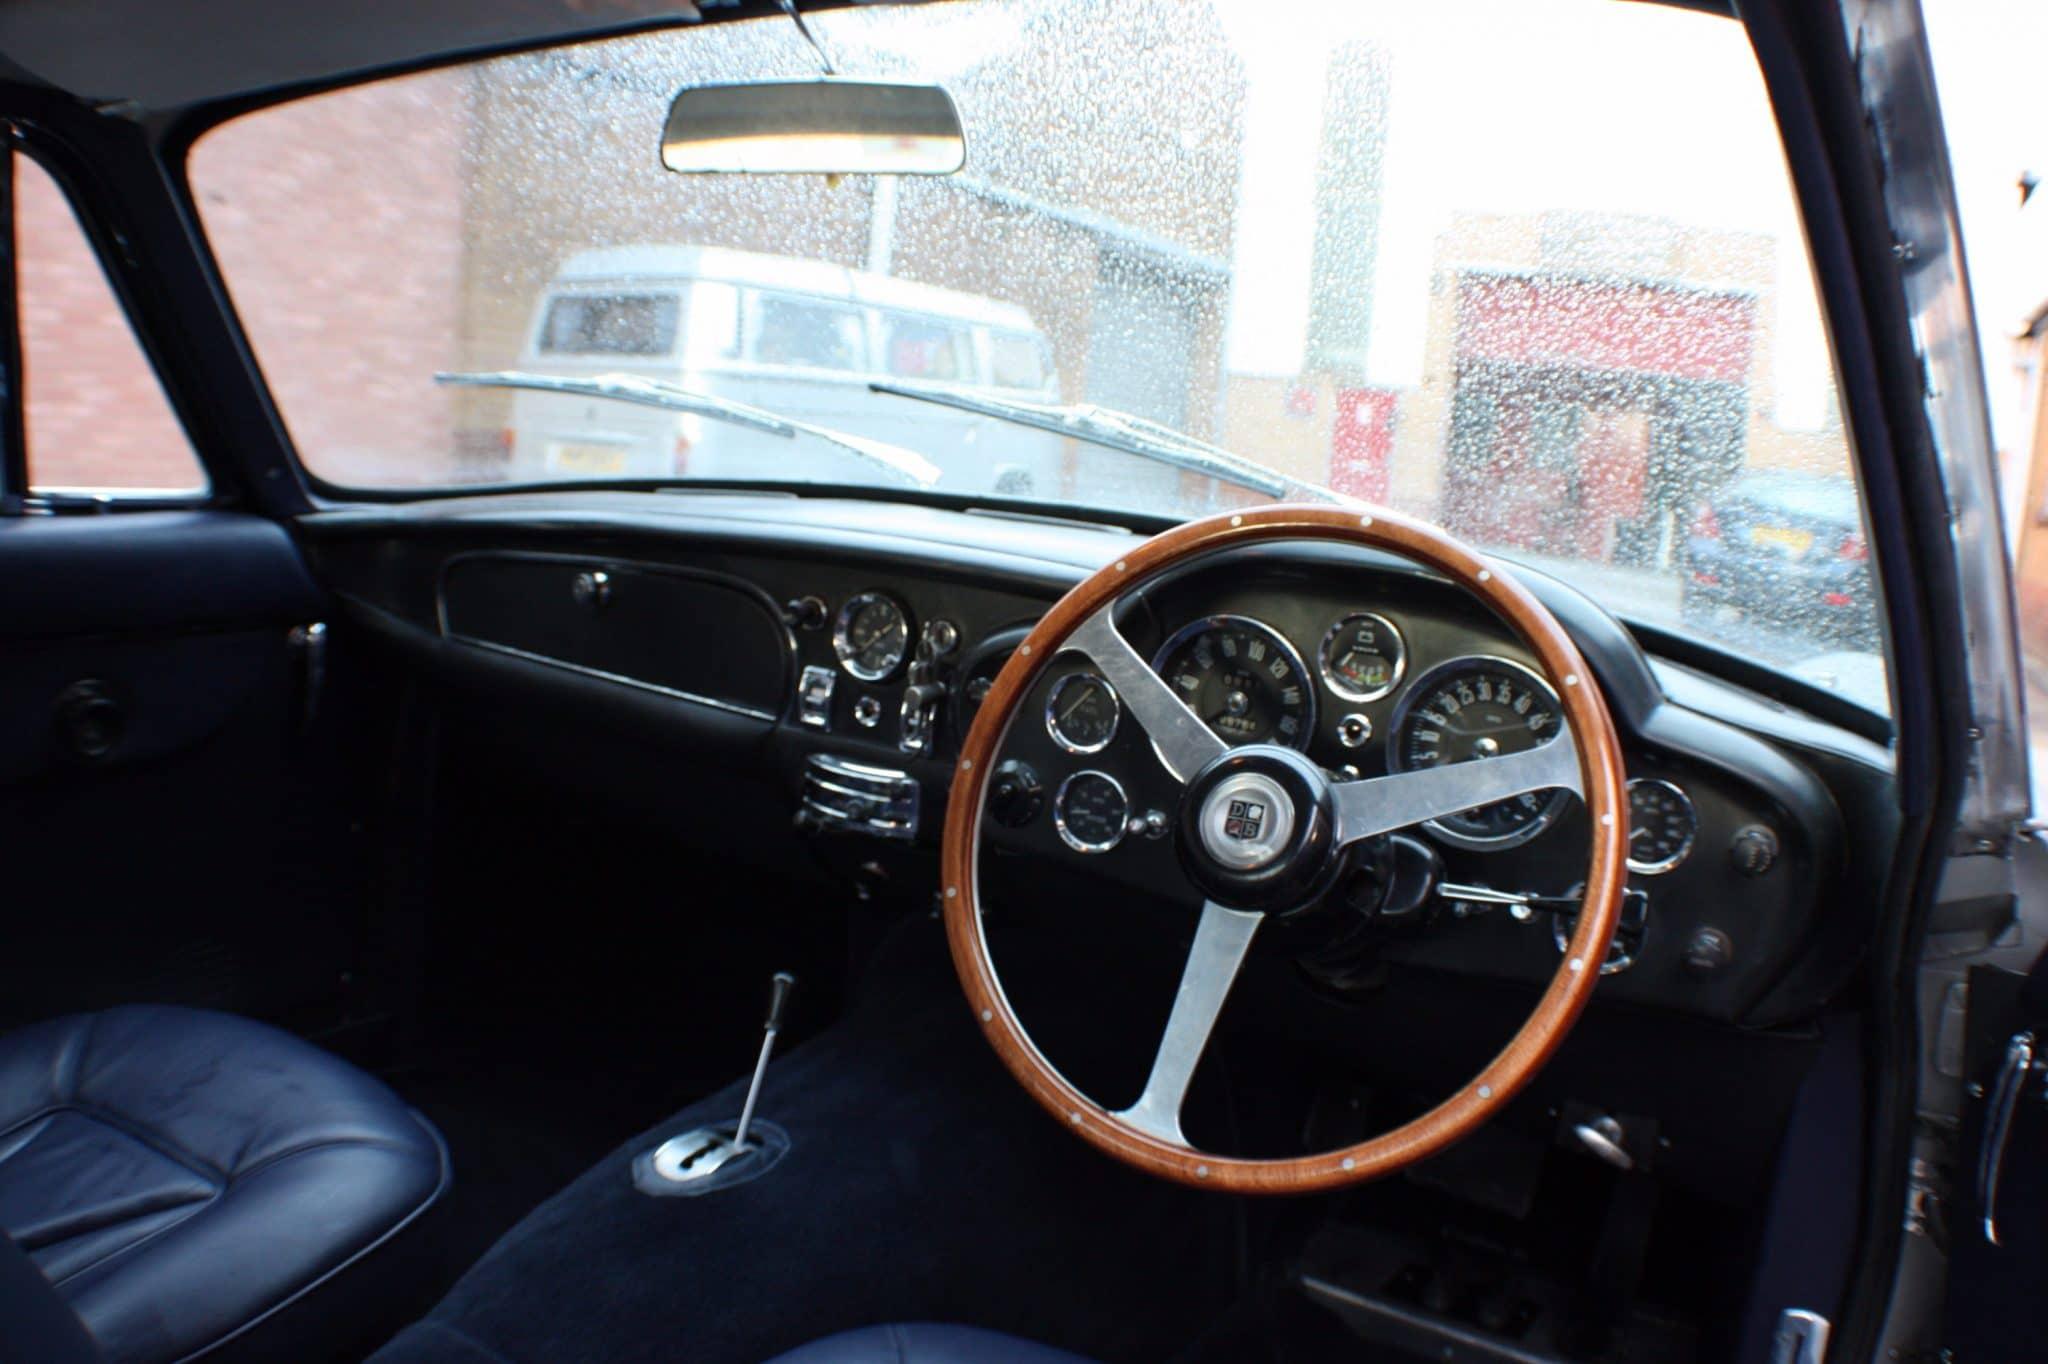 Aston Martin leather steering wheel